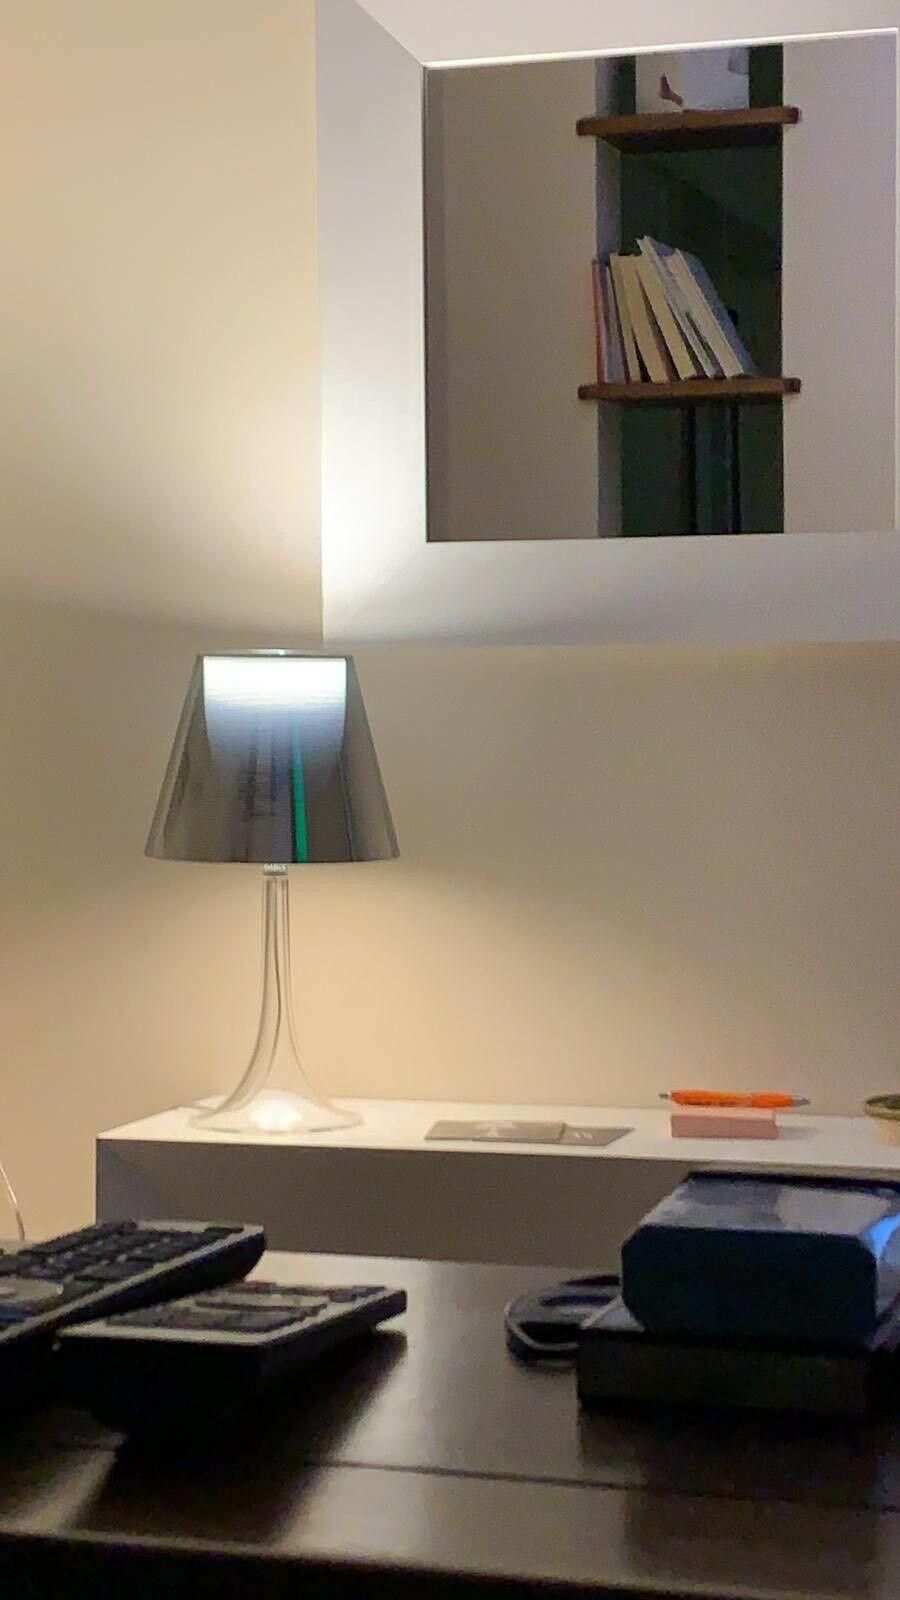 Design Lampade Da Tavolo flos miss k lampada da tavolo alluminato argento f6255000 design philippe  starck